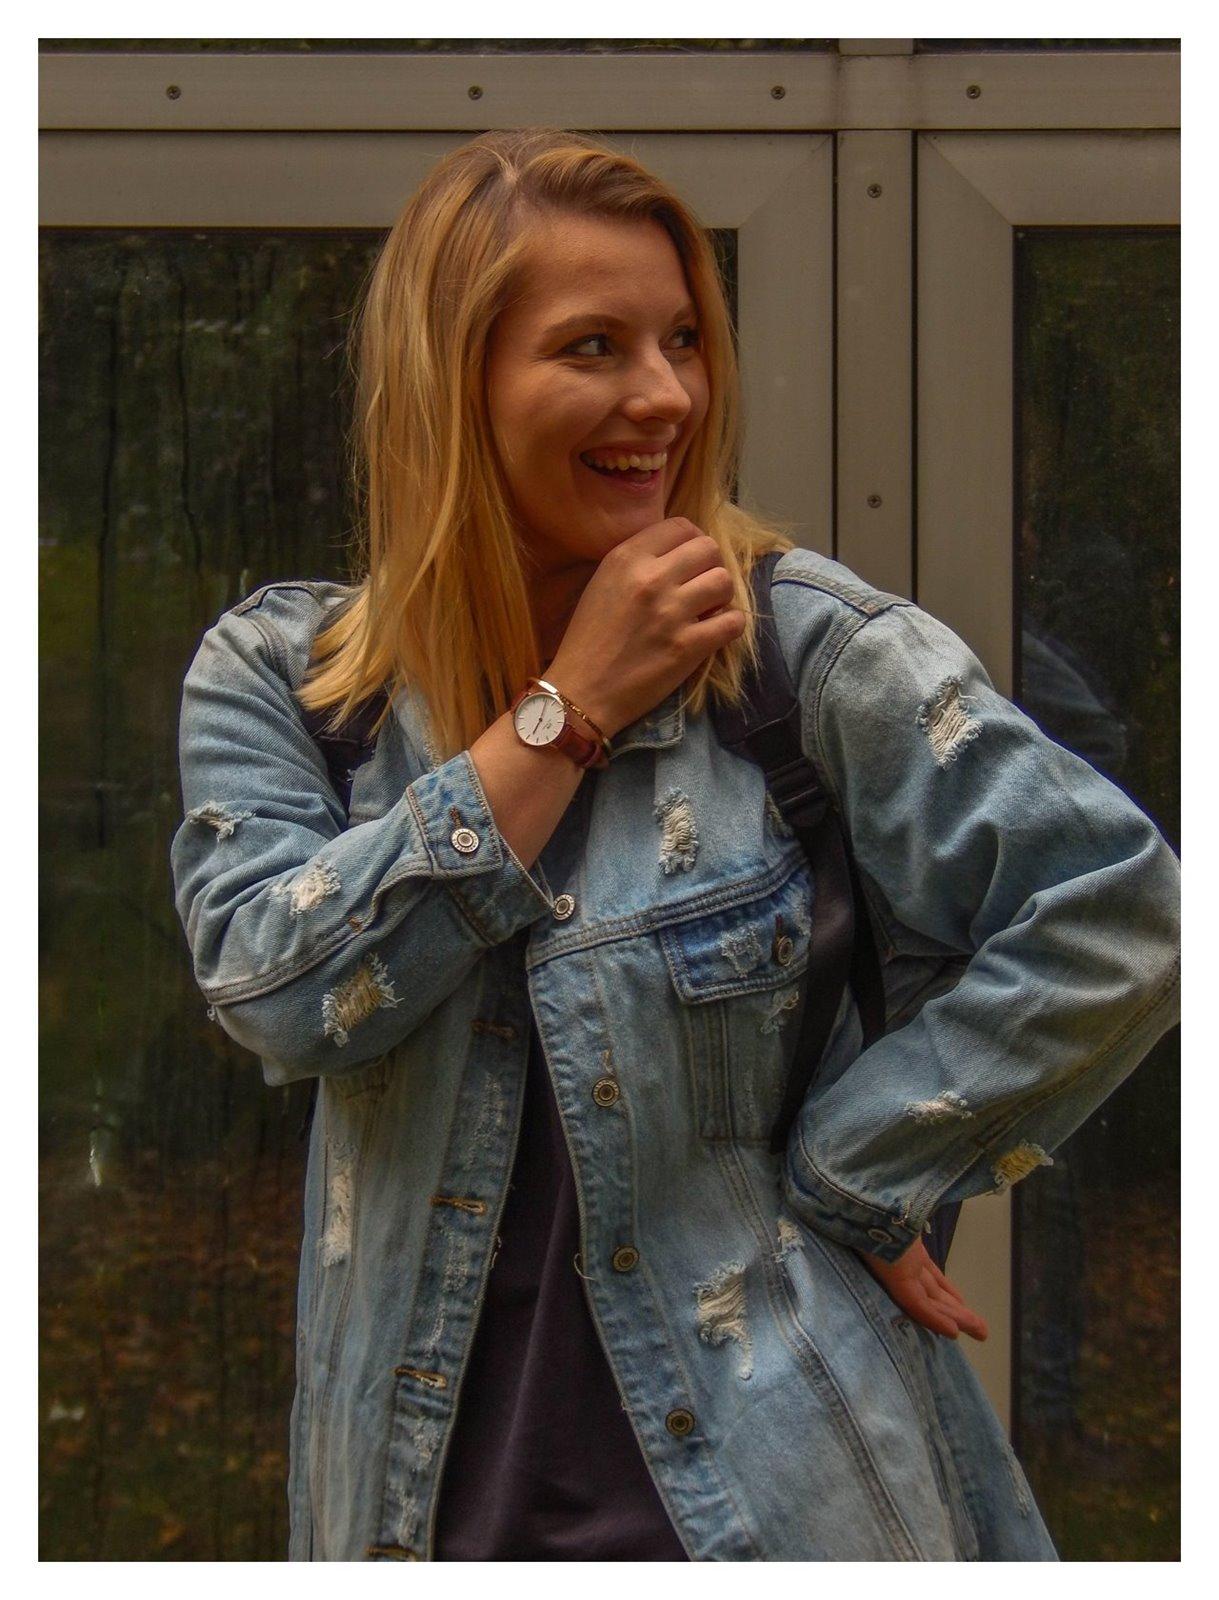 11 jak wybrać kurtkę jeansową najmodniejsze fasony kurtek sukienek płaszczy jak ubierać blondynkę stylizacje short blonde hair hairstyle melody łódź blog lifestyle fashion